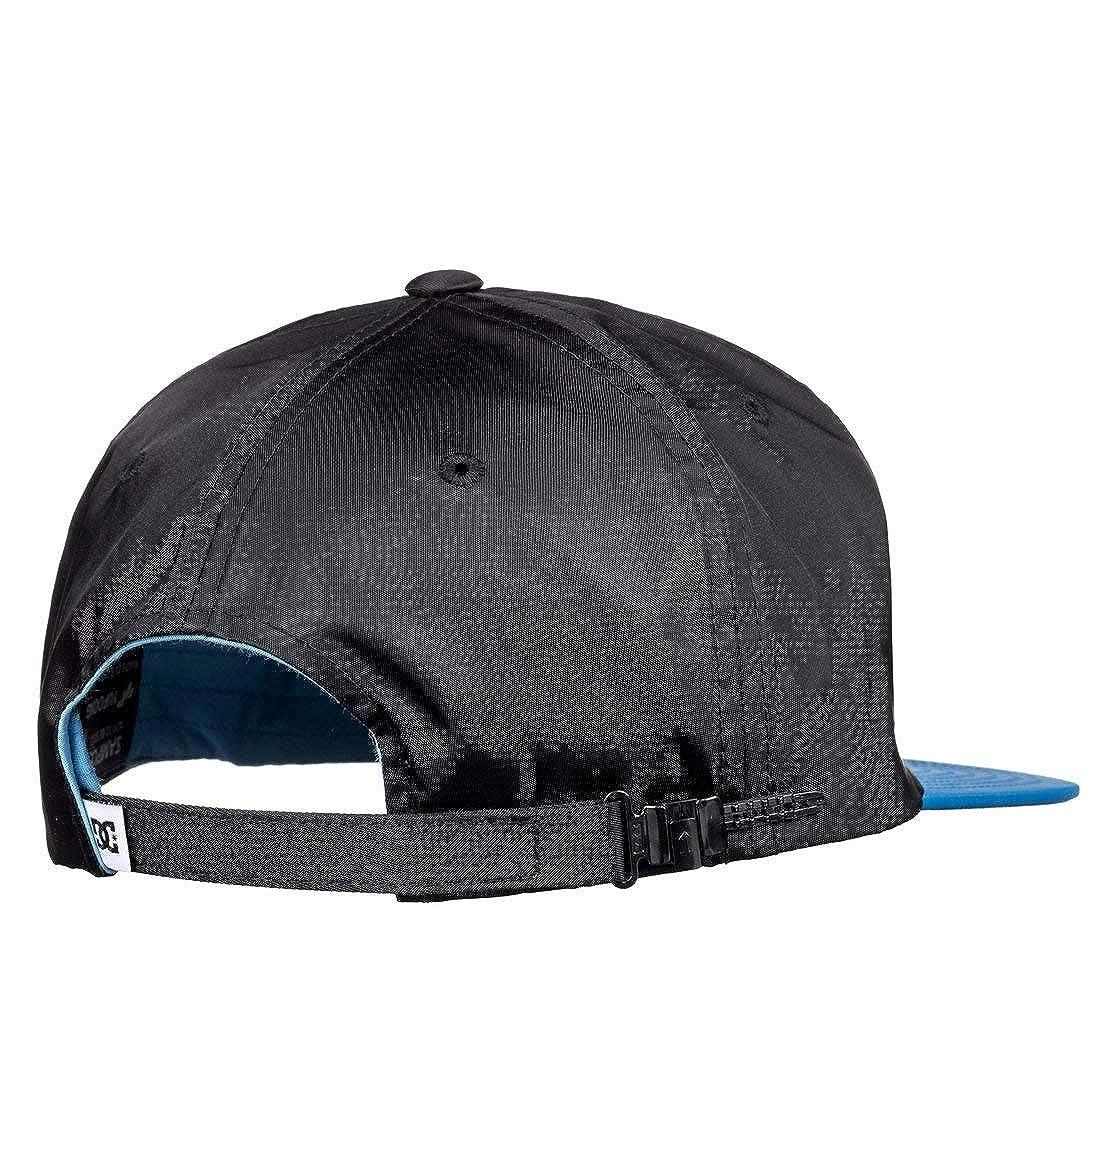 DC Gorras Crockeye White/Black/Blue Snapback: Amazon.es: Ropa y accesorios